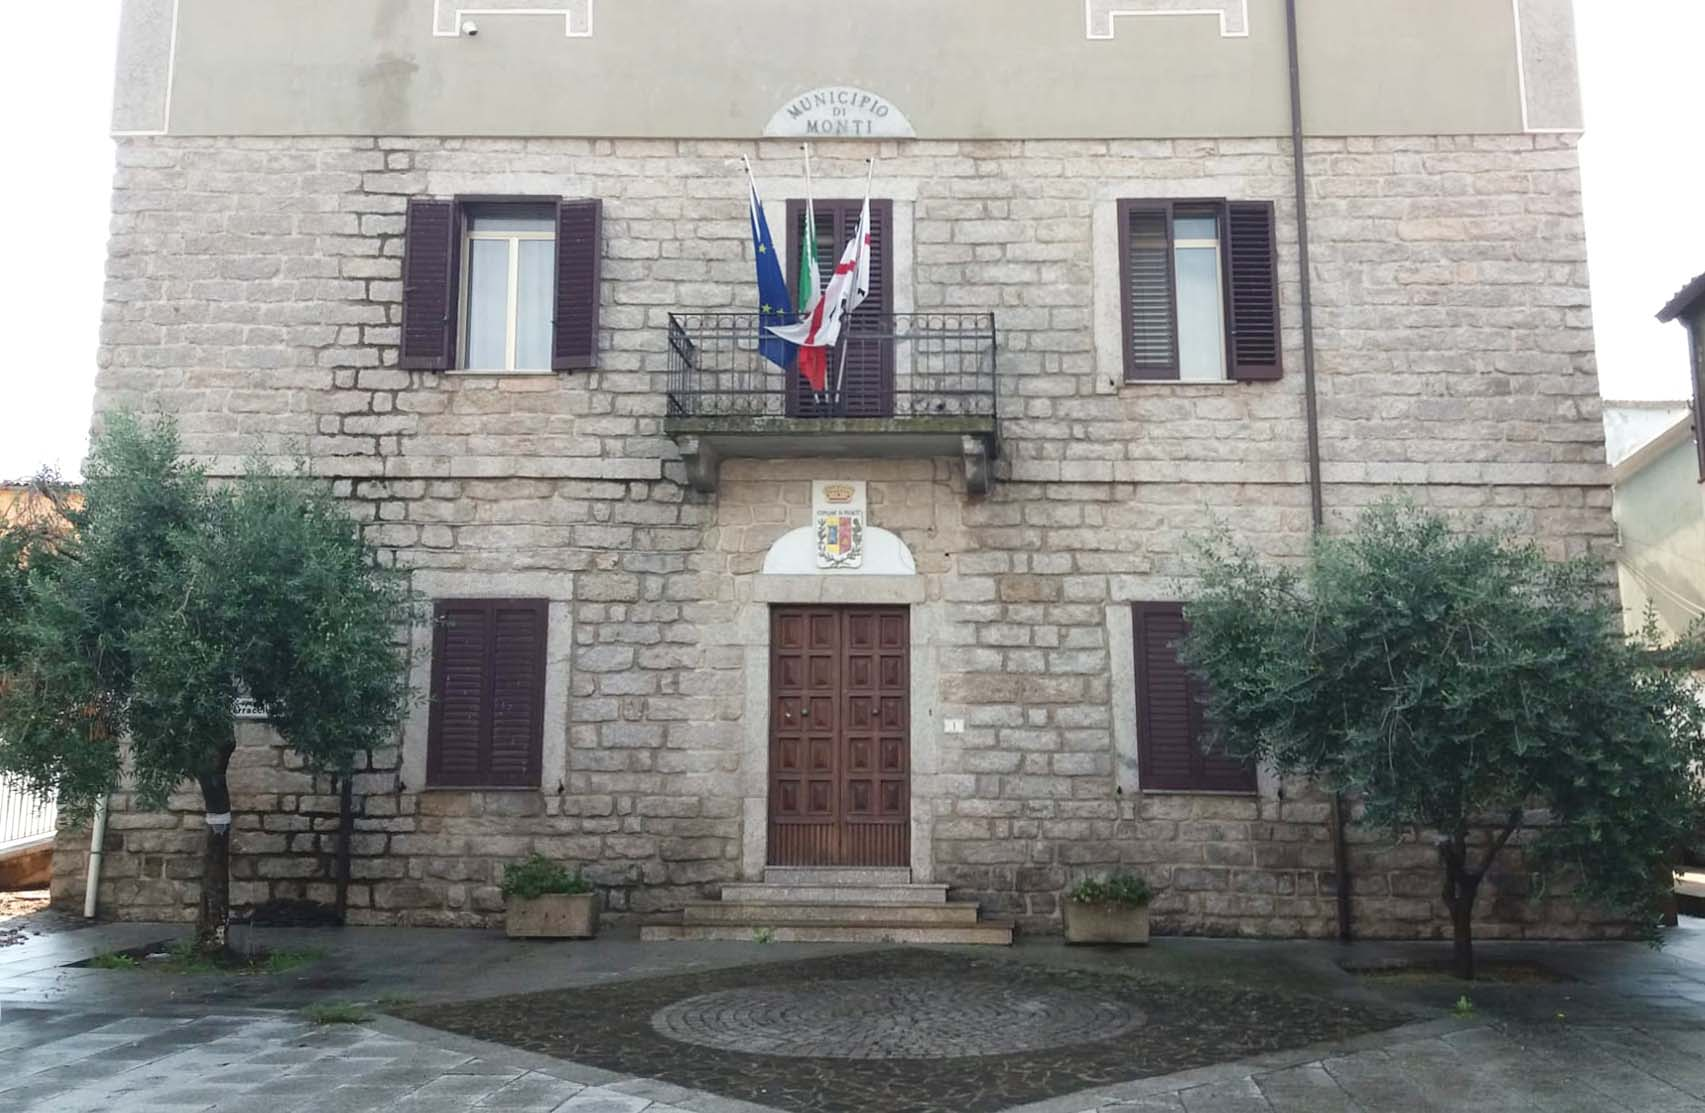 Palazzo comunale Monti